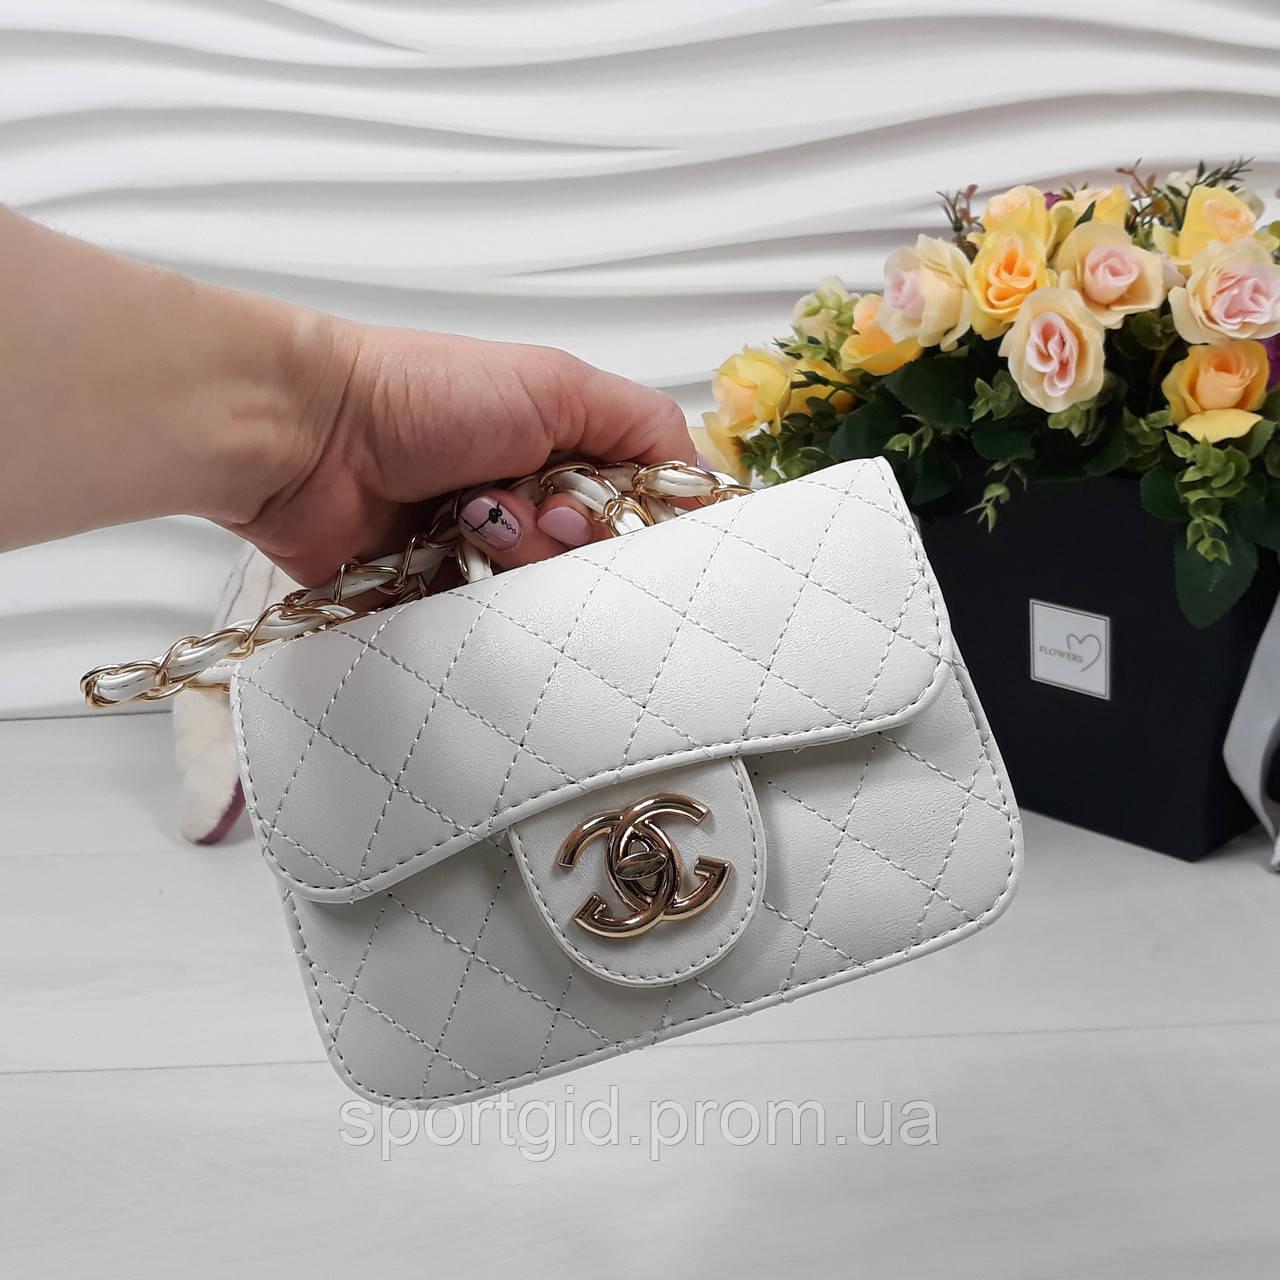 98510b4a3bd7 Модная детская сумочка Шанель/ сумочка для девочки на плечо, цена 380 грн.,  купить в Запорожье — Prom.ua (ID#524704087)